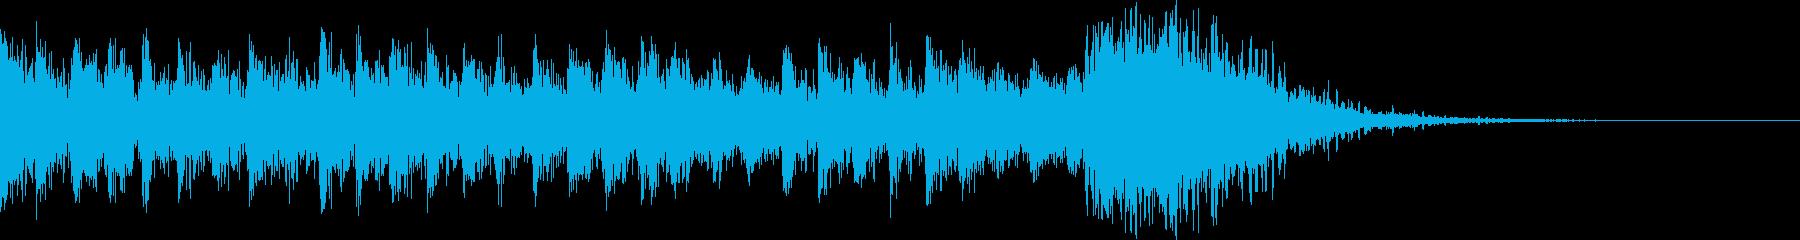 機械的動きからの斬鉄の再生済みの波形